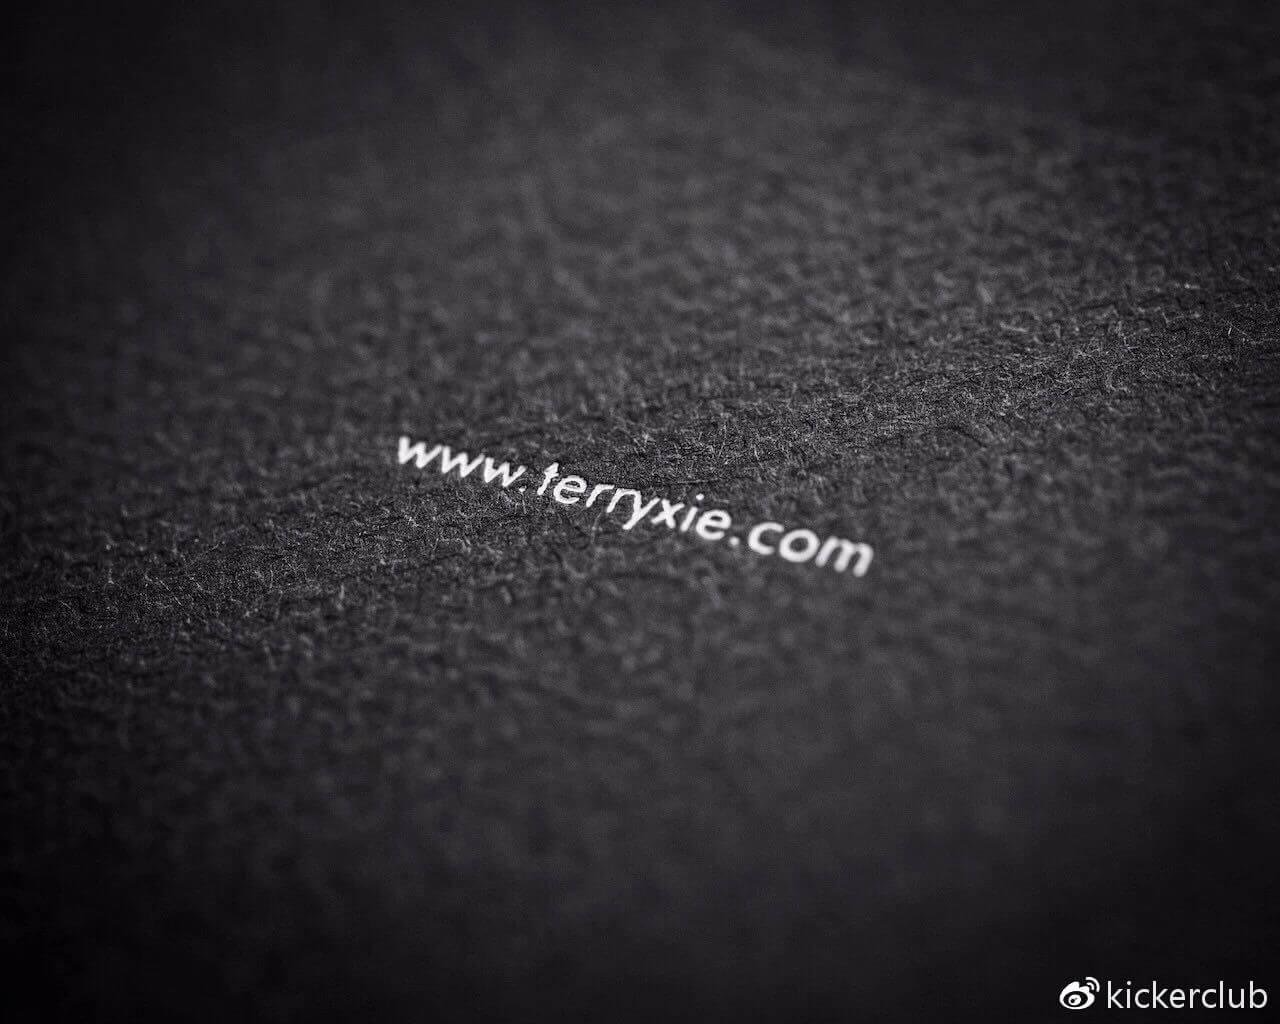 谢石个人网站:Terryxie.com 更多摄影作品及影集购买